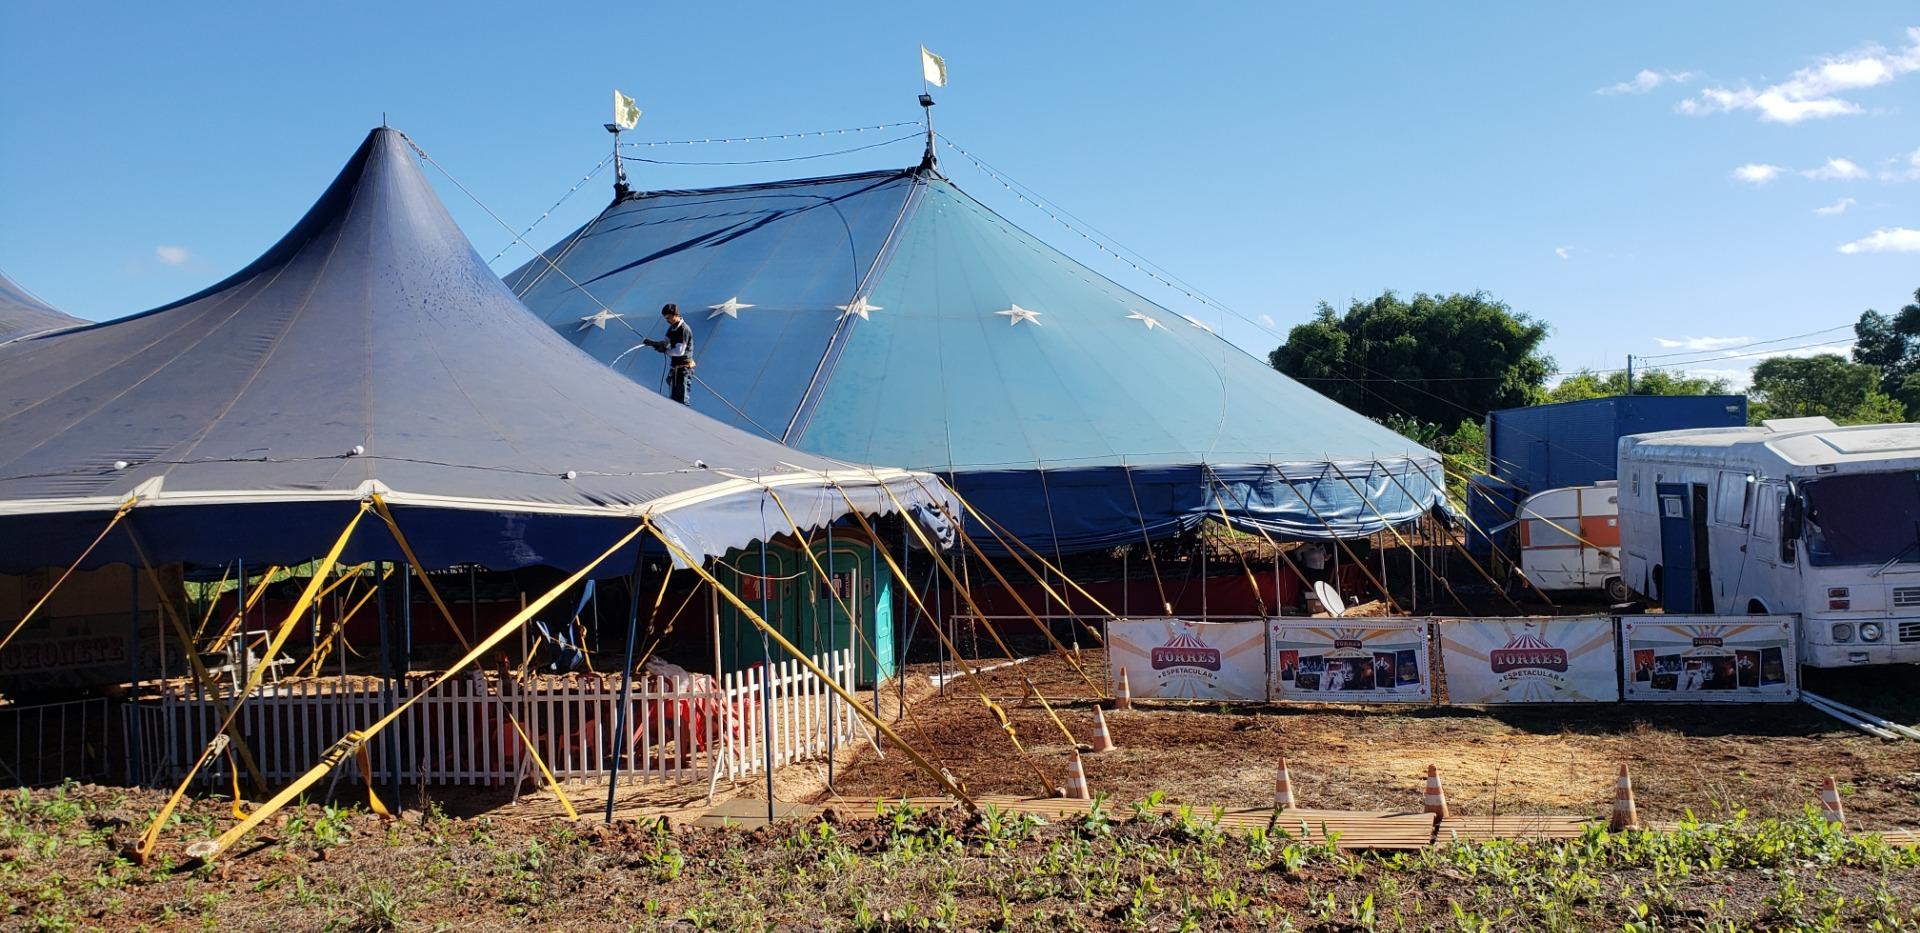 Artista circense relata como é a vida de quem trabalha no circo